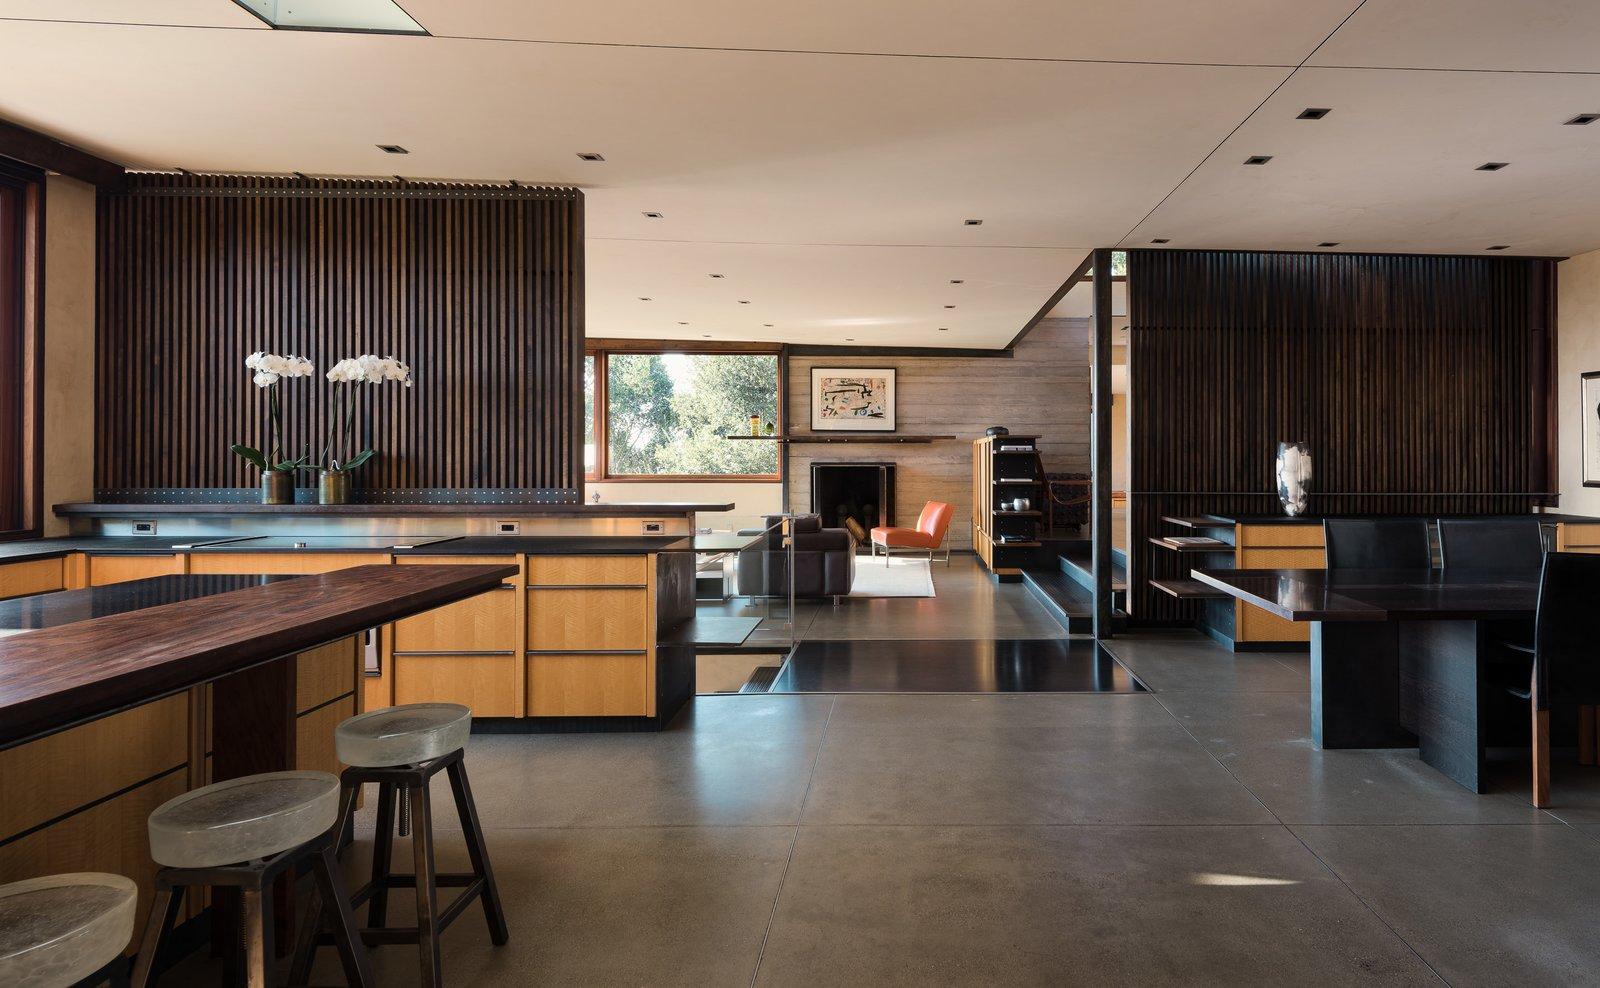 Own Award-Winning Architect Greg Faulkner's Home For $4.9M